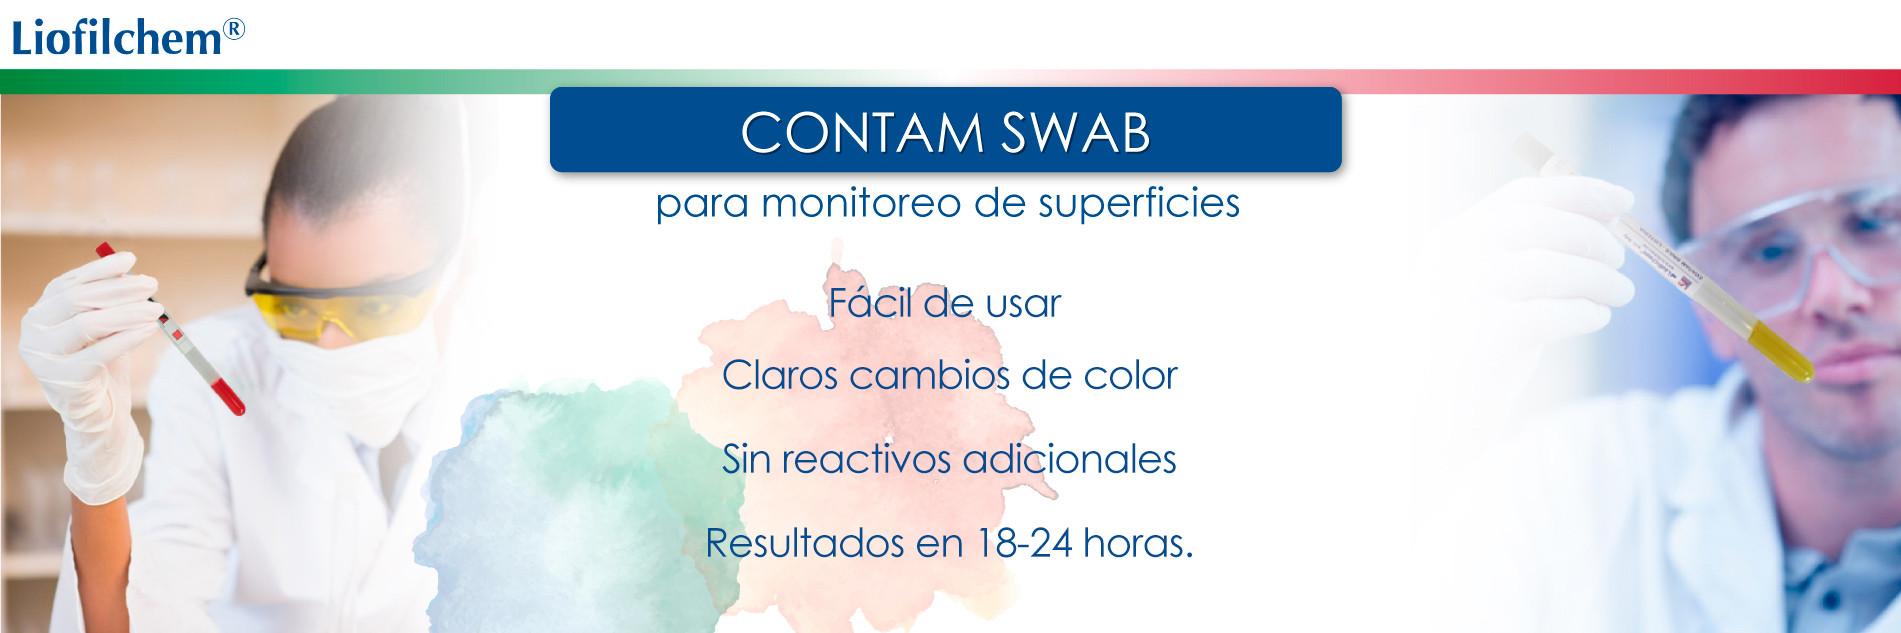 CONTAM SWAB